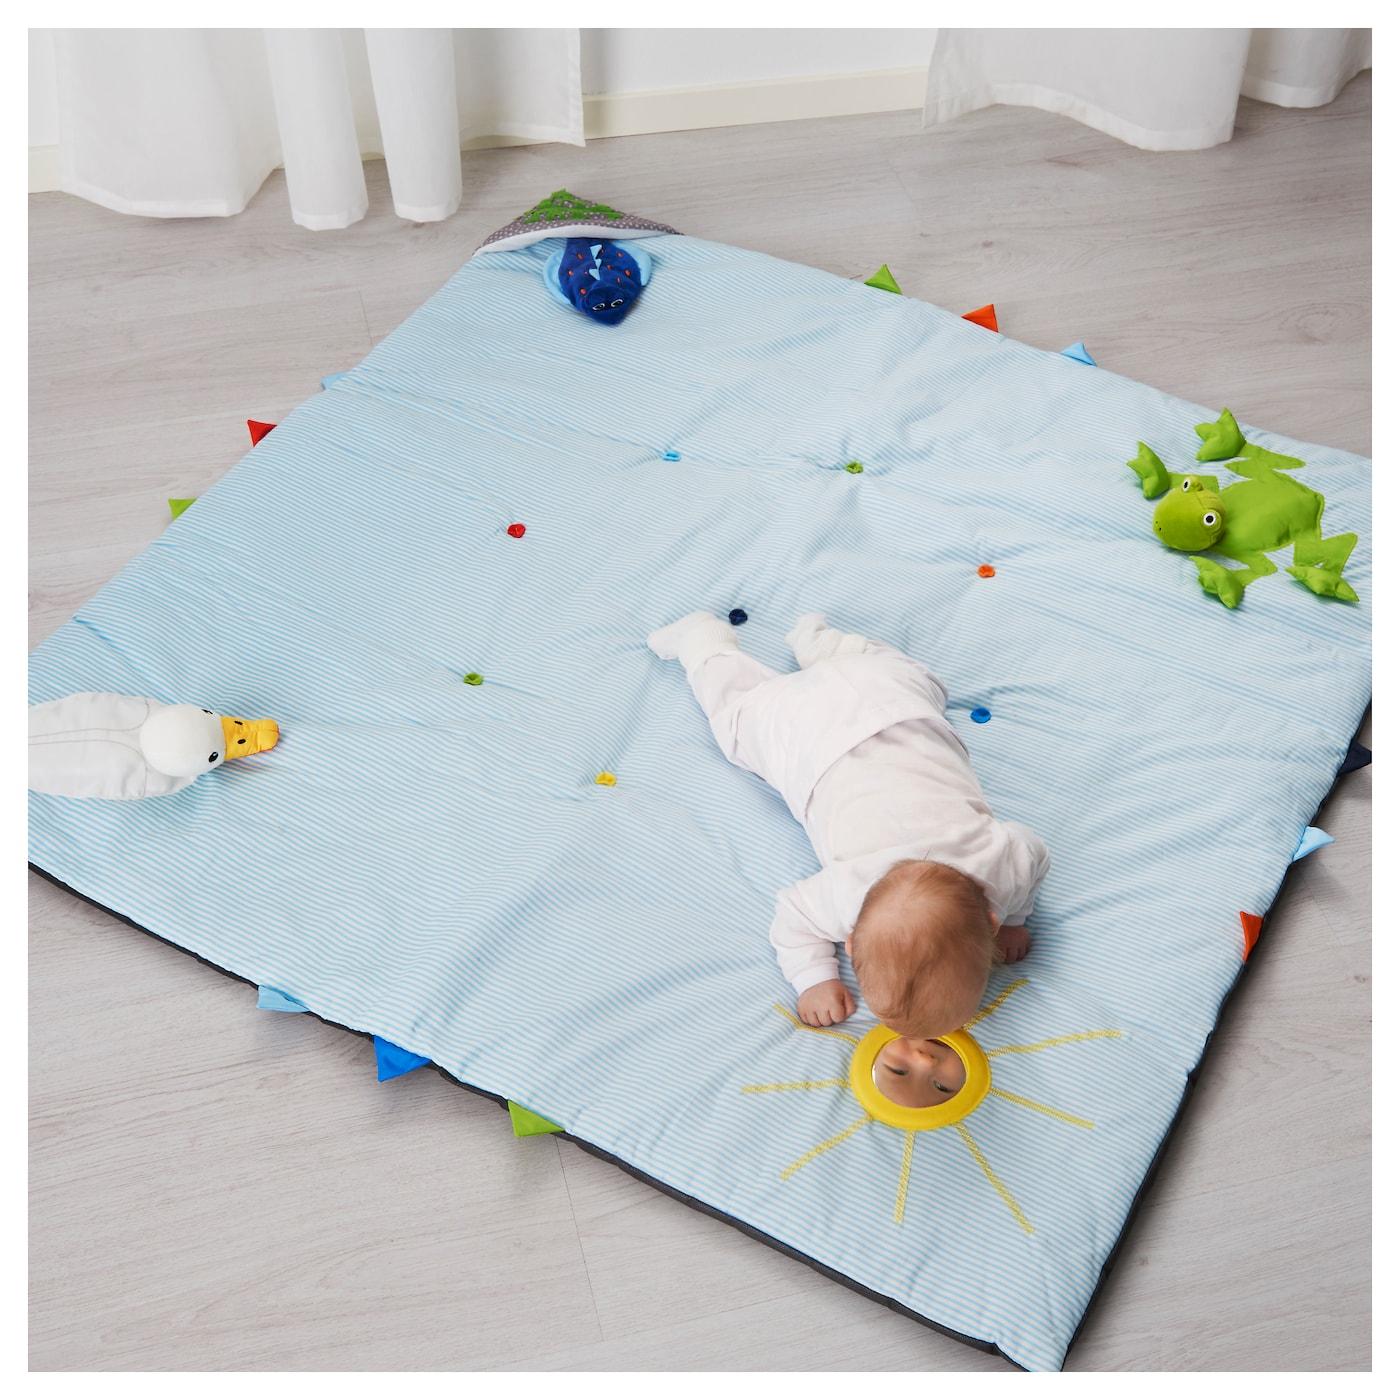 Unique Baby Floor Play Mat Pics